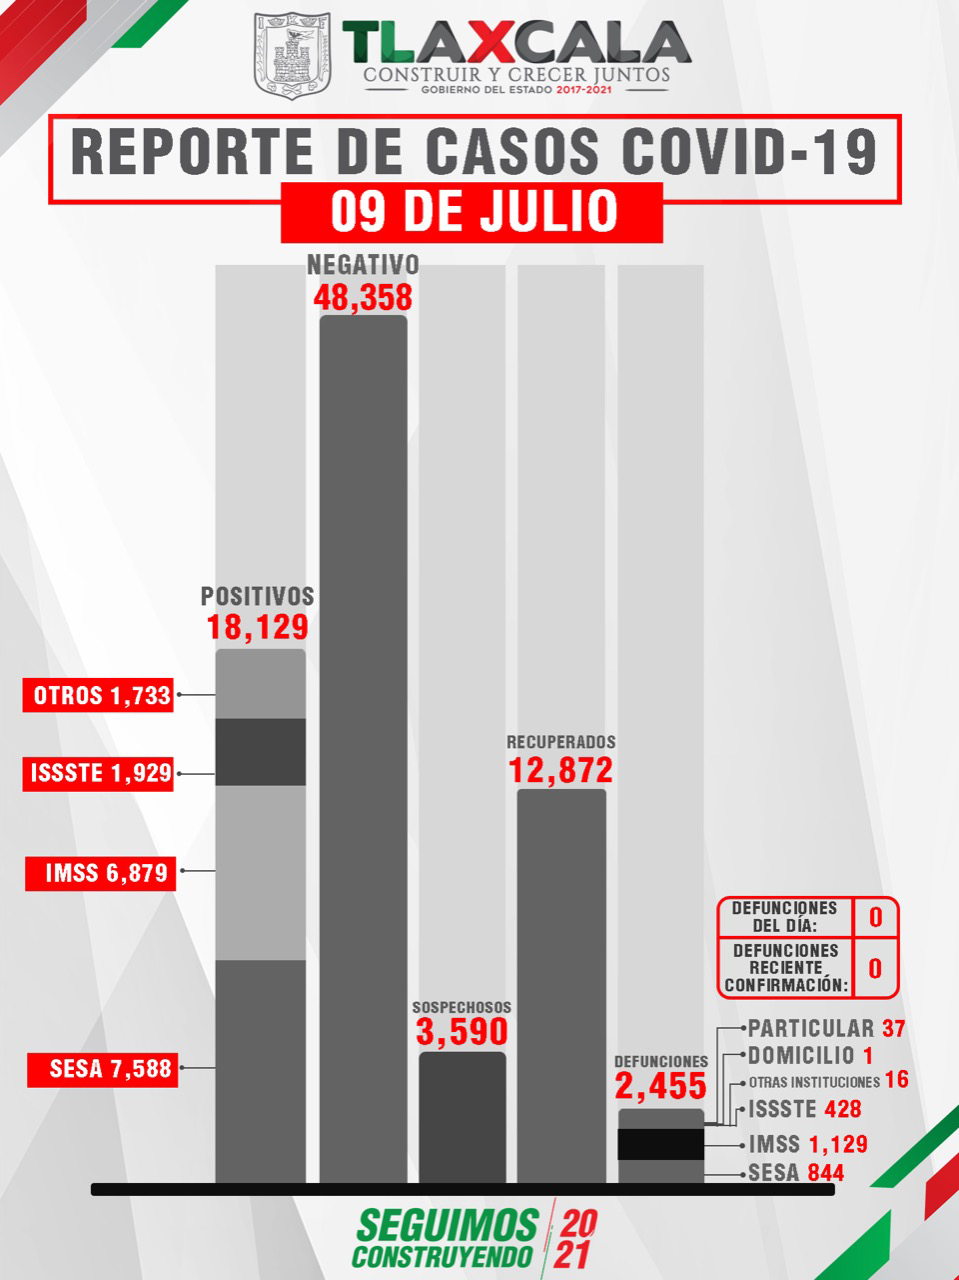 Tlaxcala, sin defunciones por Covid-19 este viernes reporta SESA